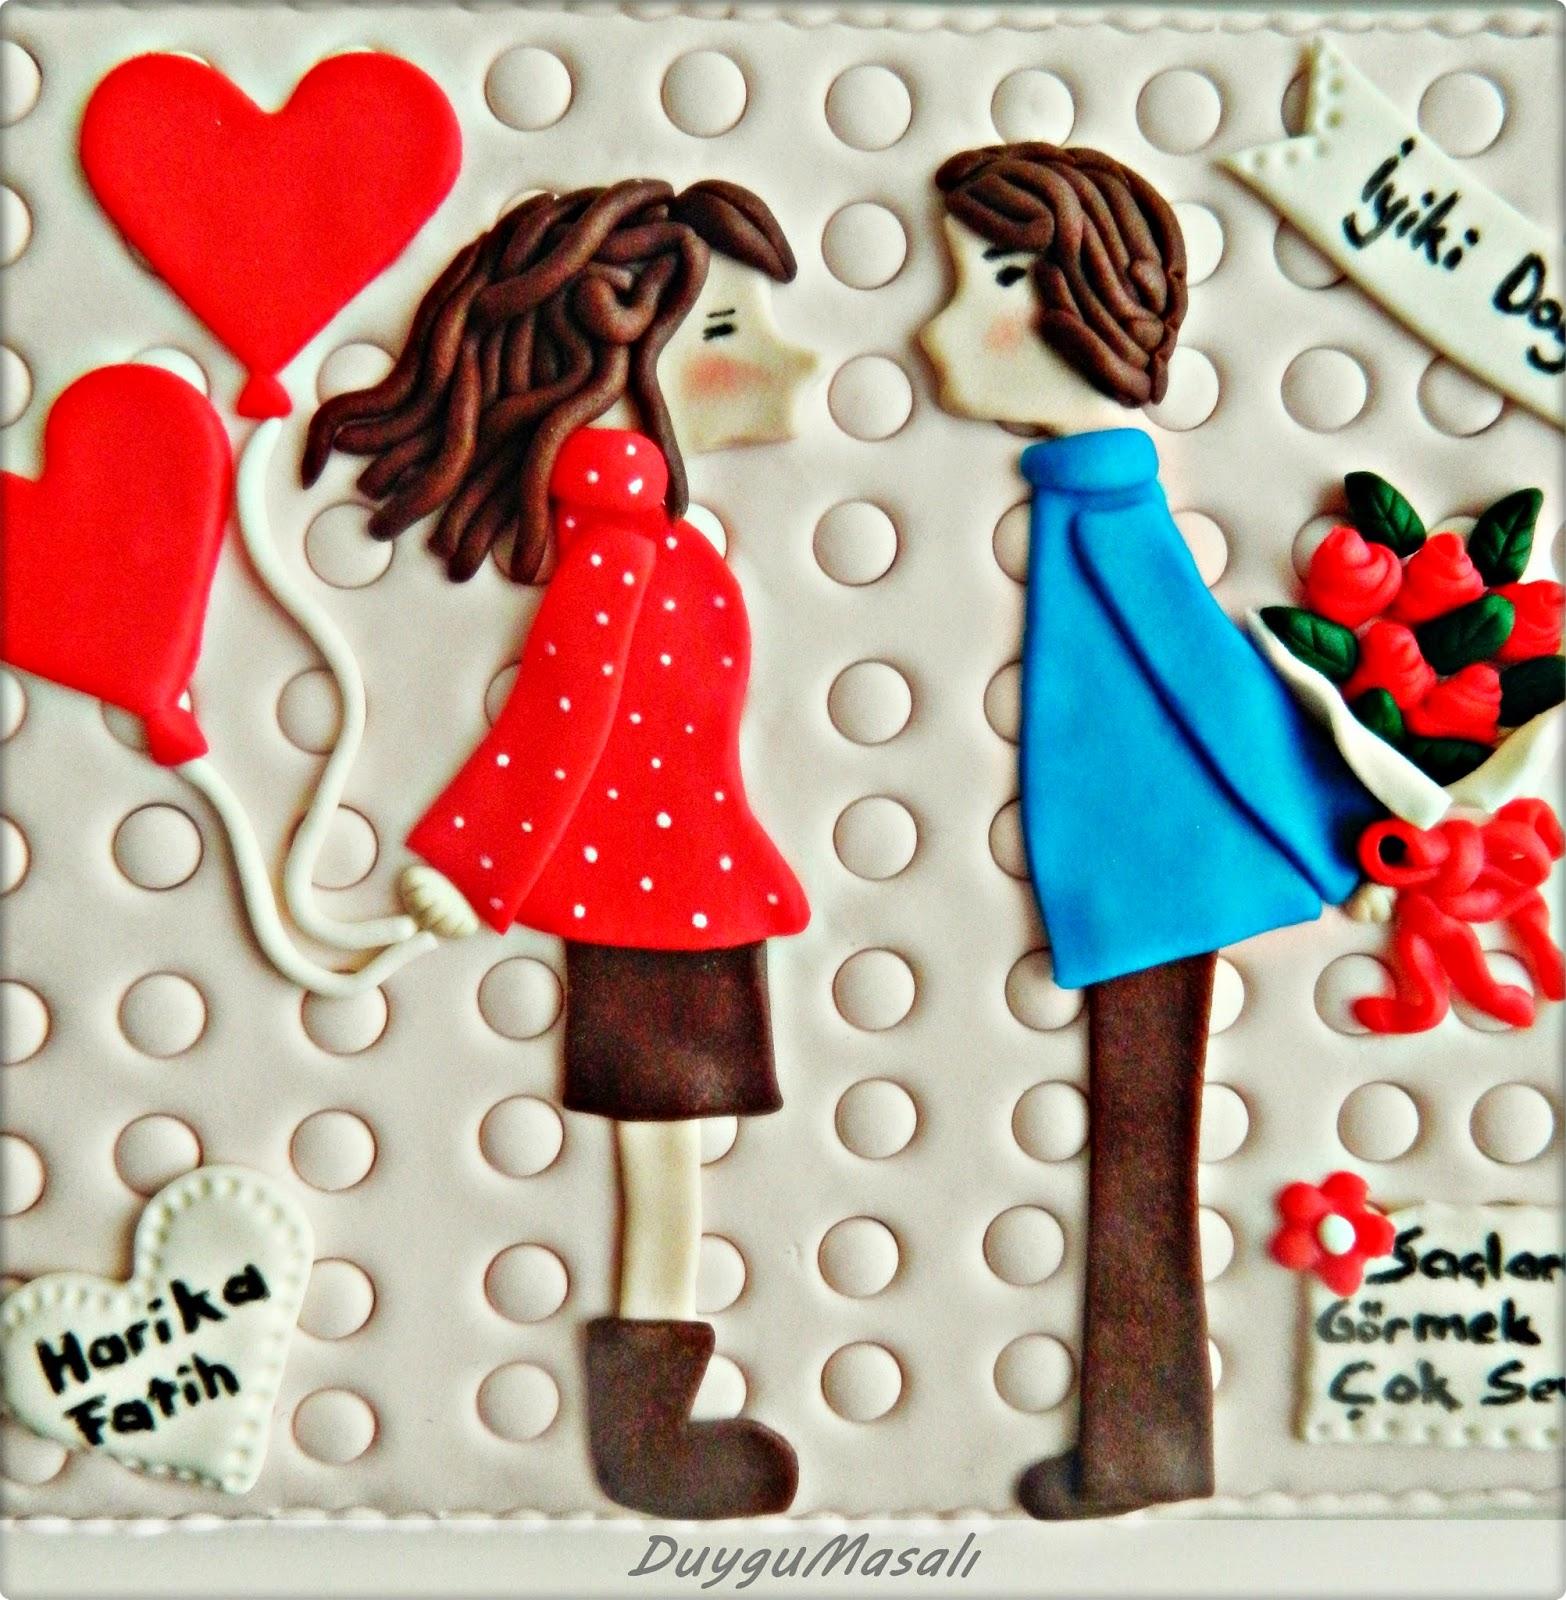 edirne romantik butik kurabiye